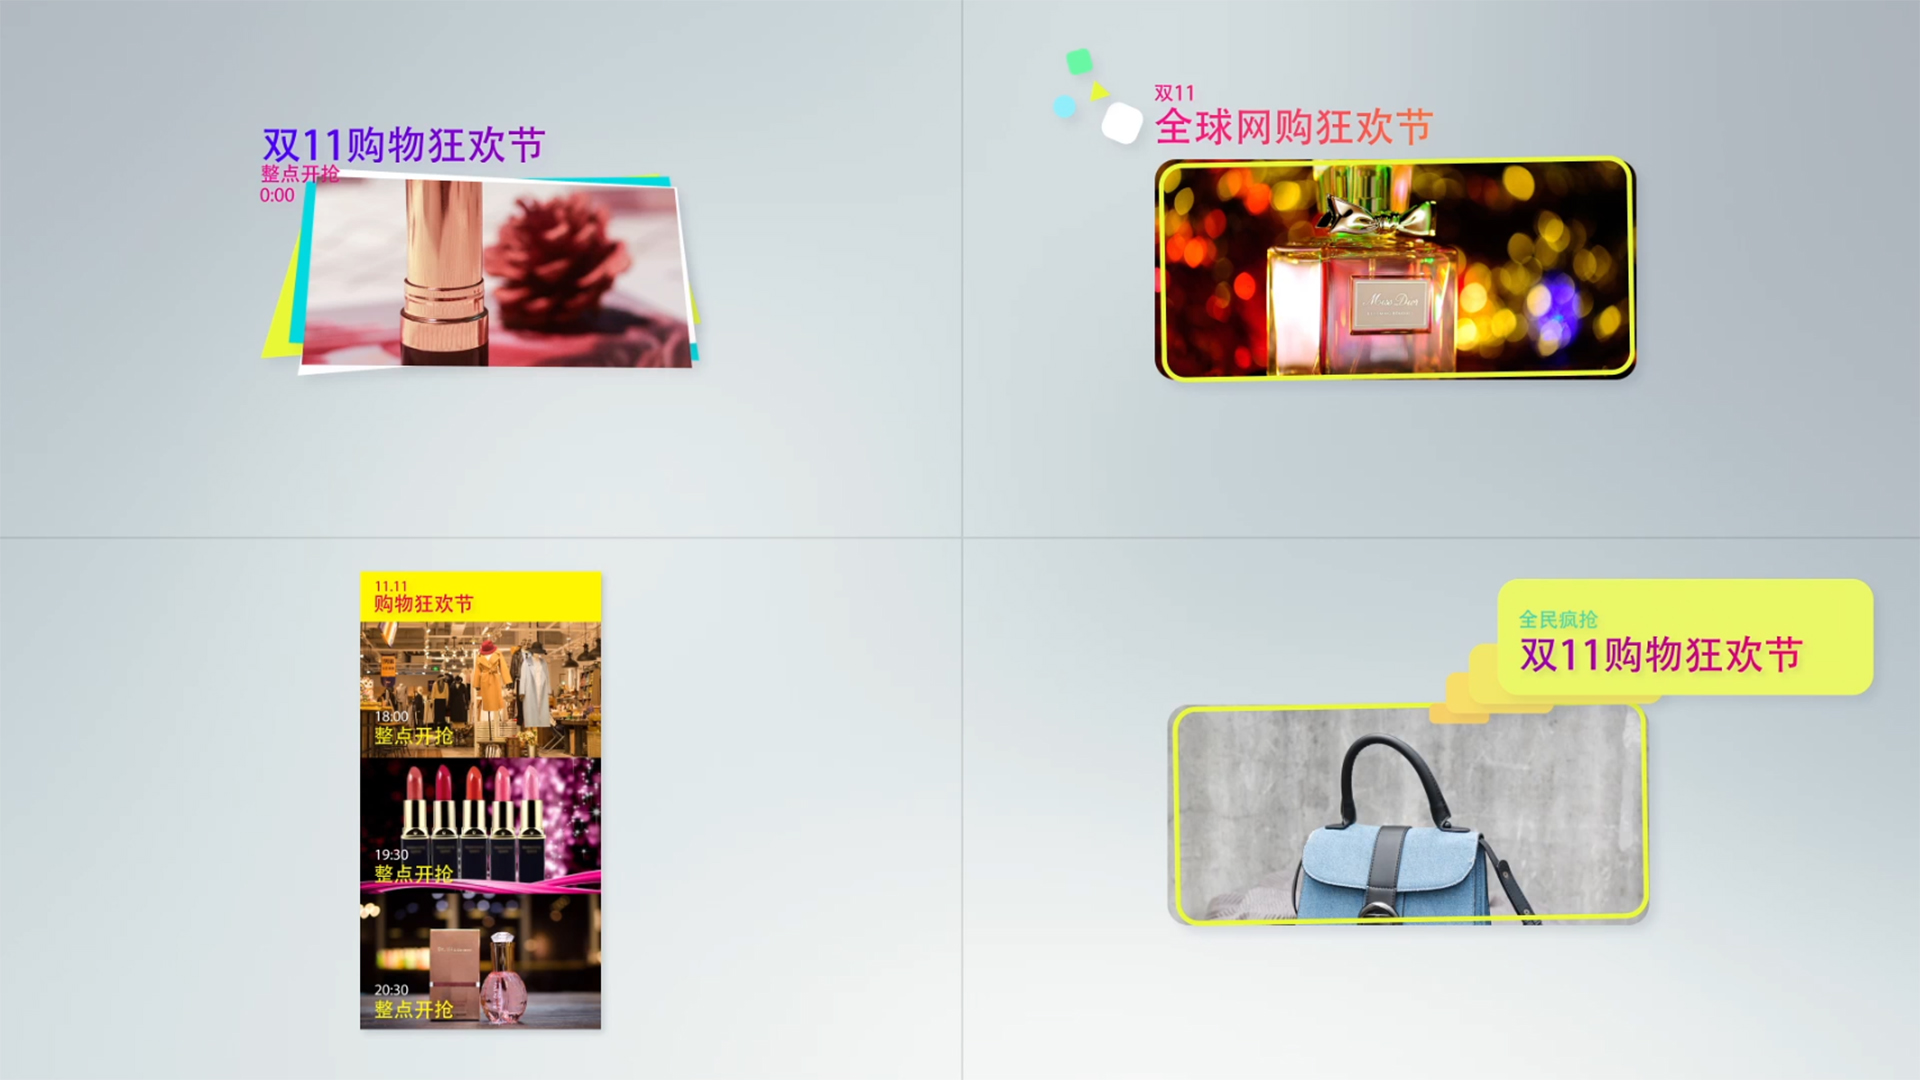 双11购物狂欢节时尚字幕条AE模板